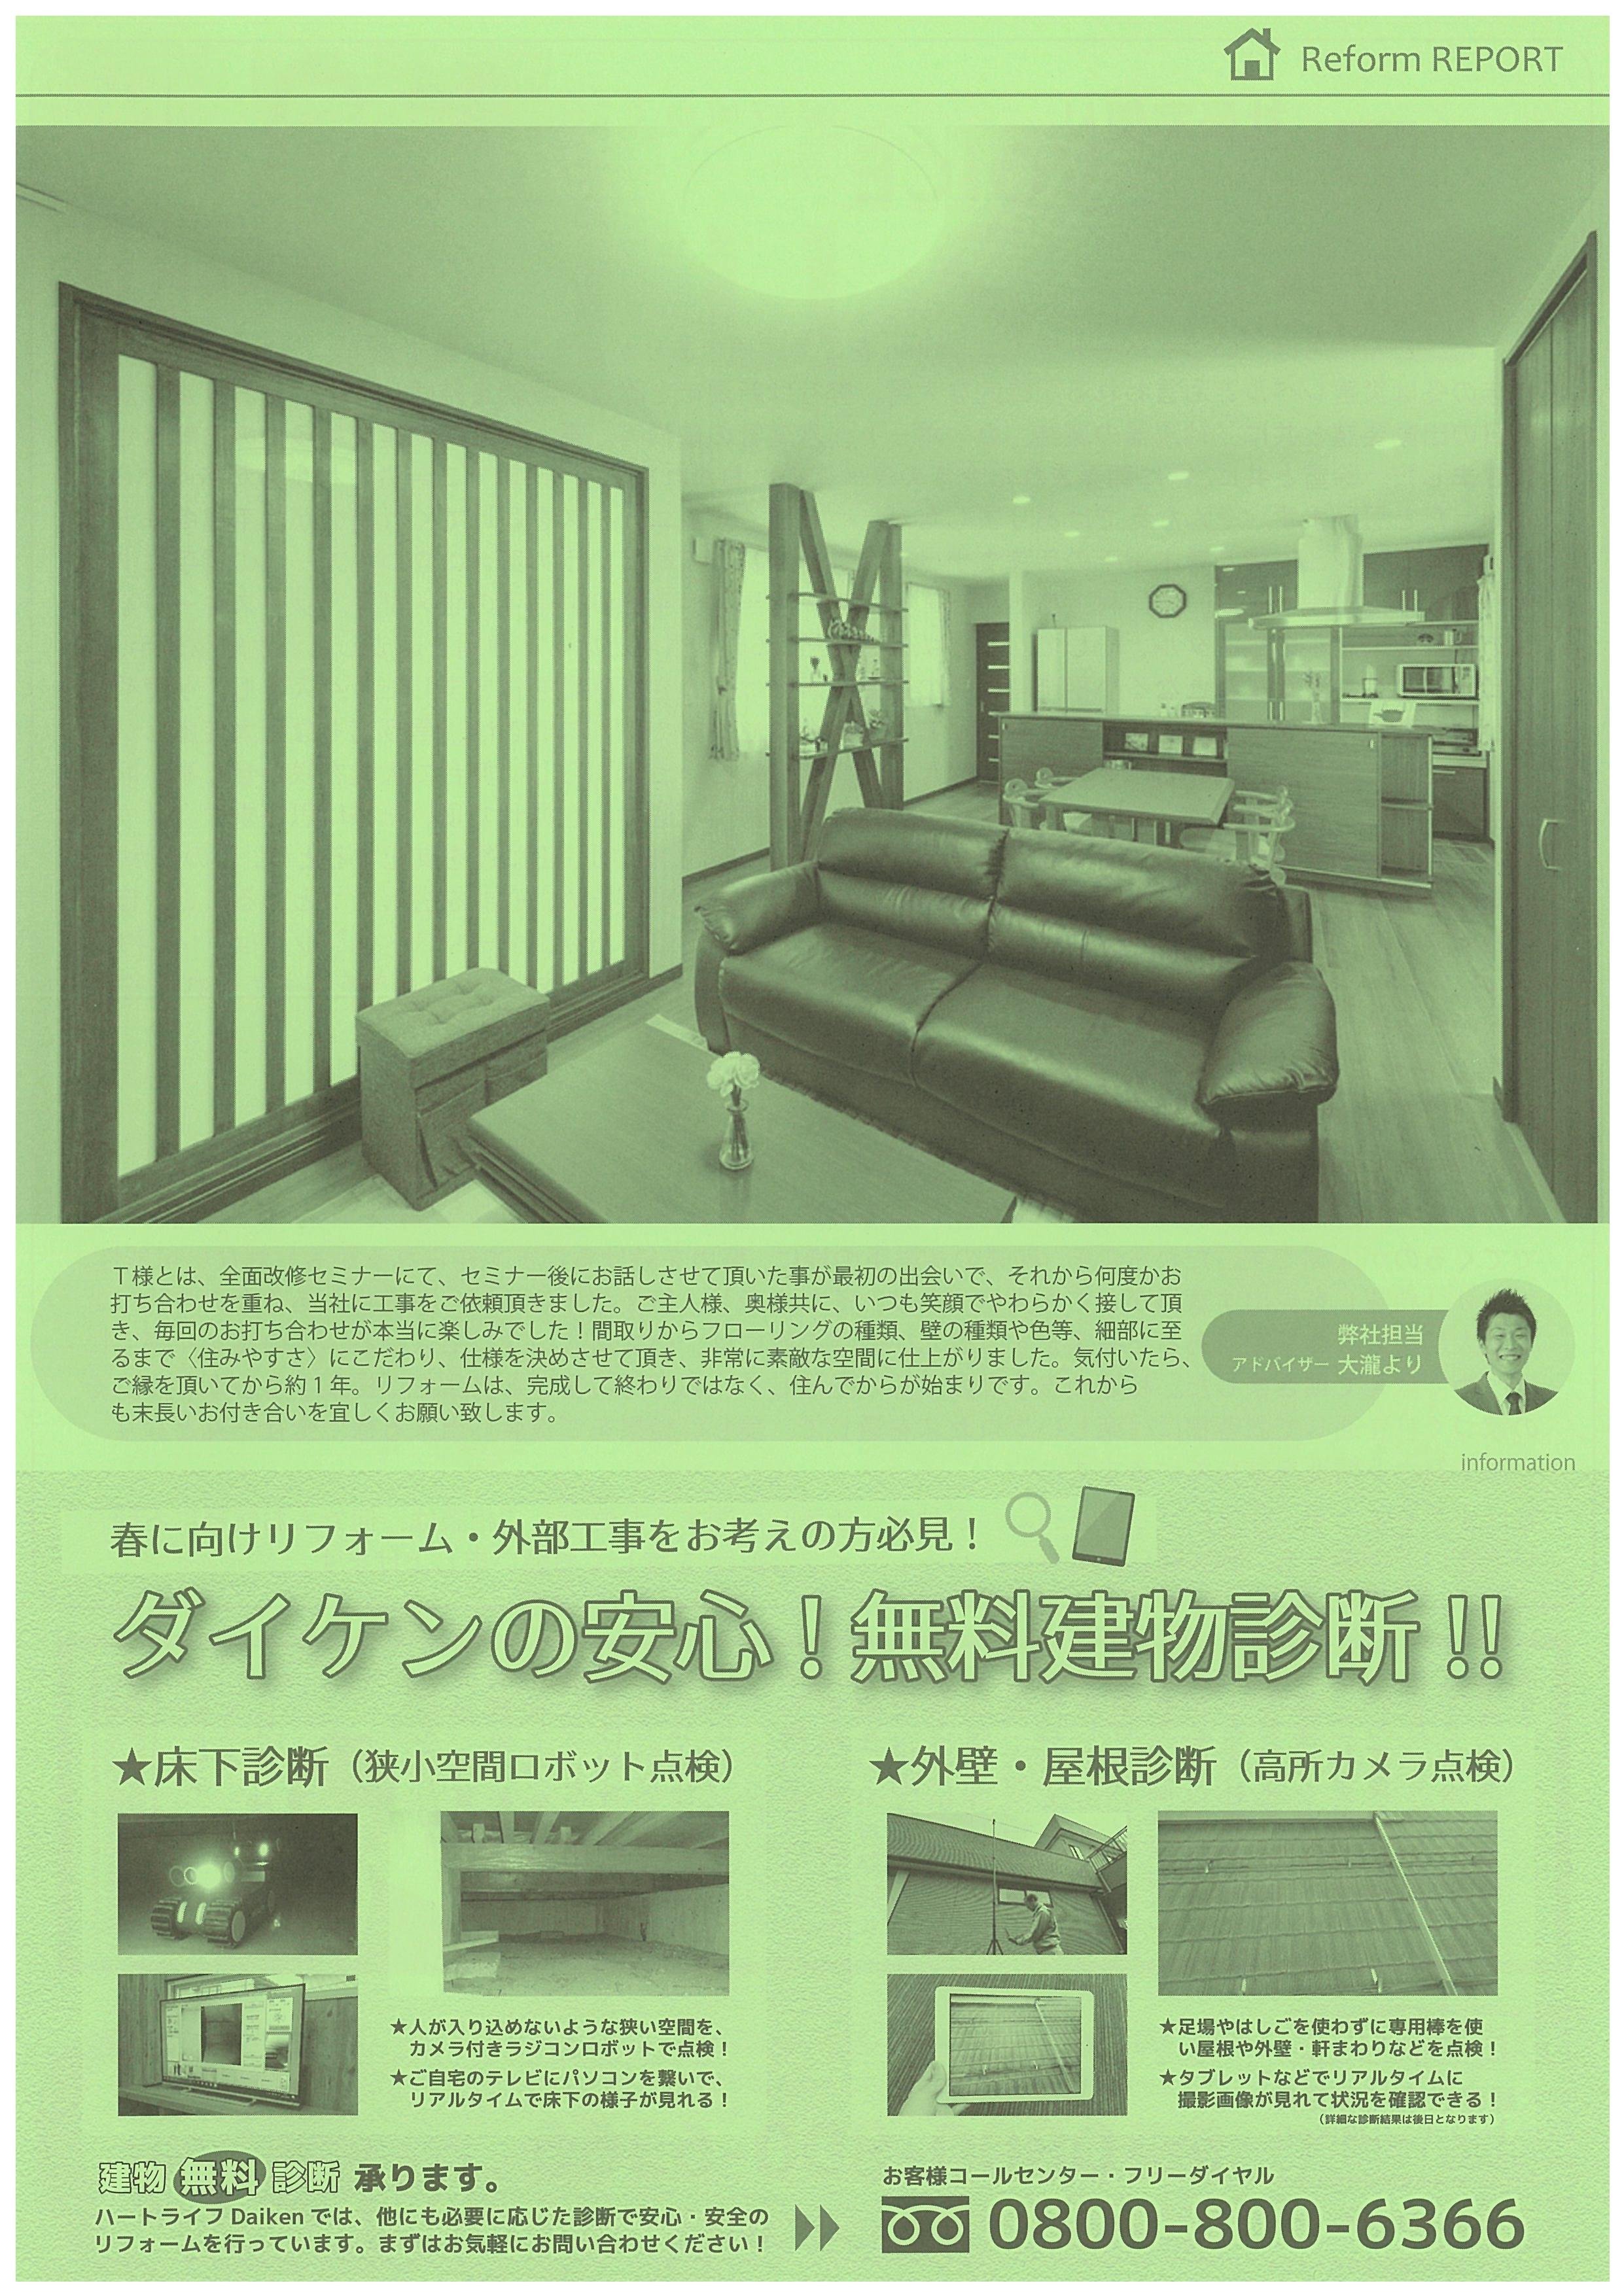 ニュースレターVol.57 中面